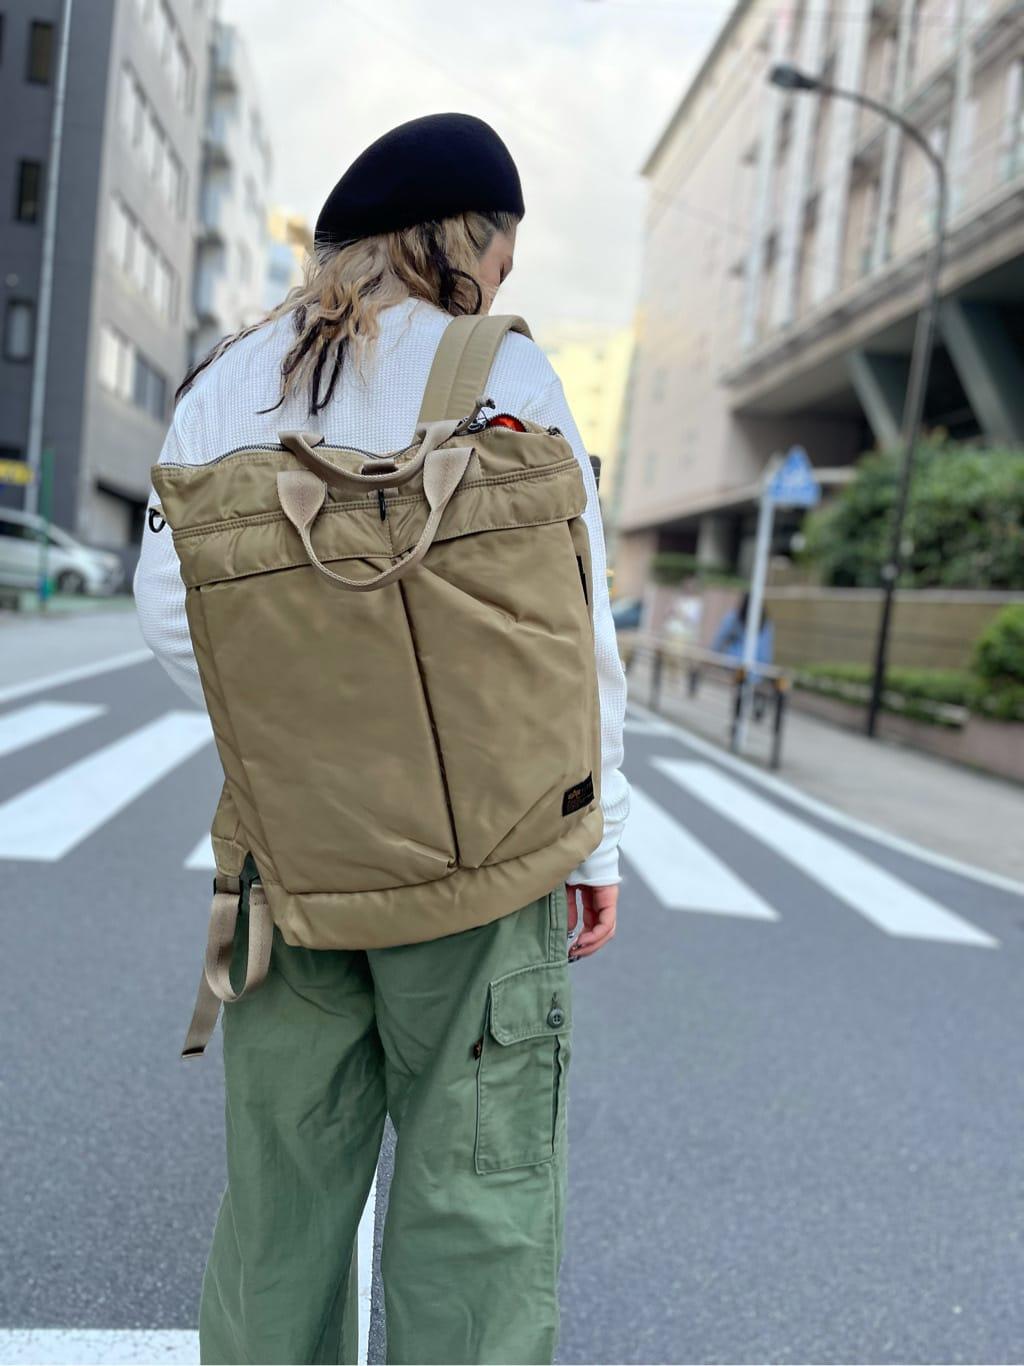 ALPHA SHOP渋谷店のmoe さんのALPHAのワッフル ヘンリーネックネックTシャツ 長袖を使ったコーディネート